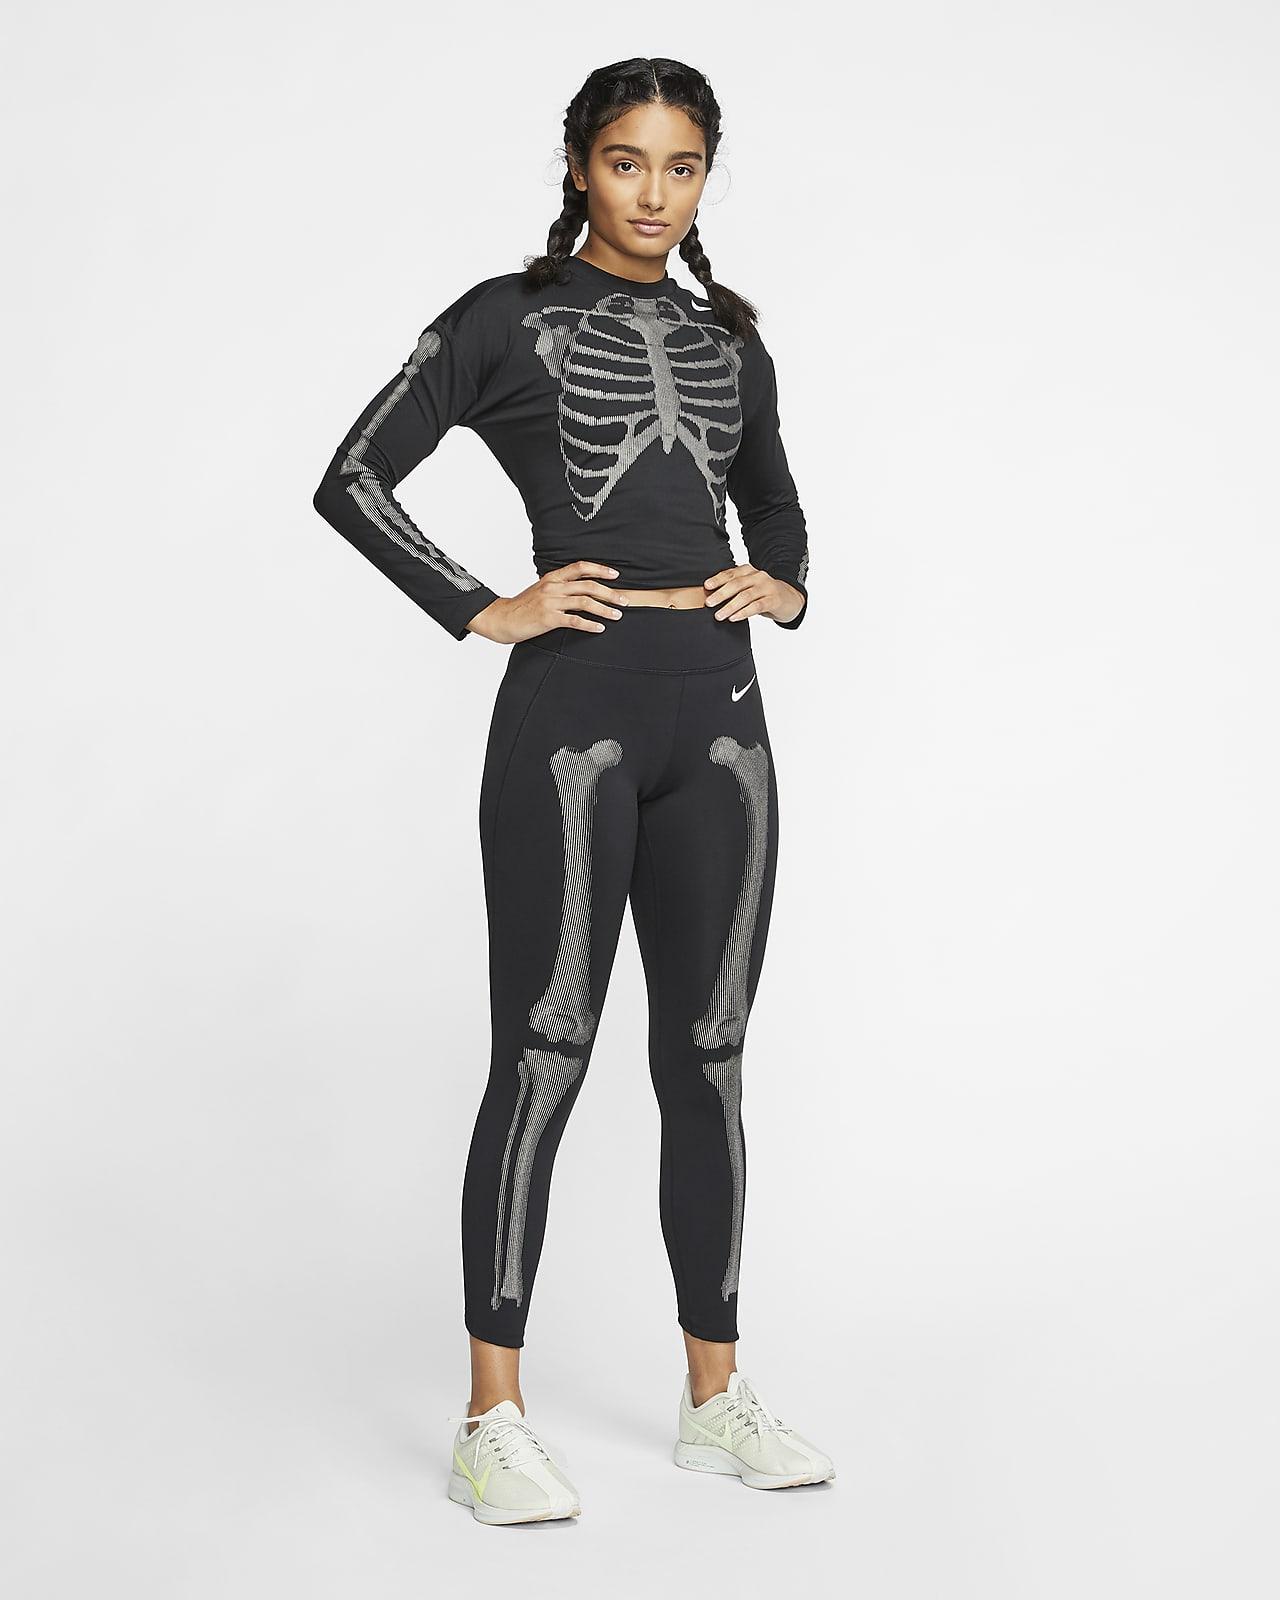 Nike Women's Skeleton Leggings. Nike SG